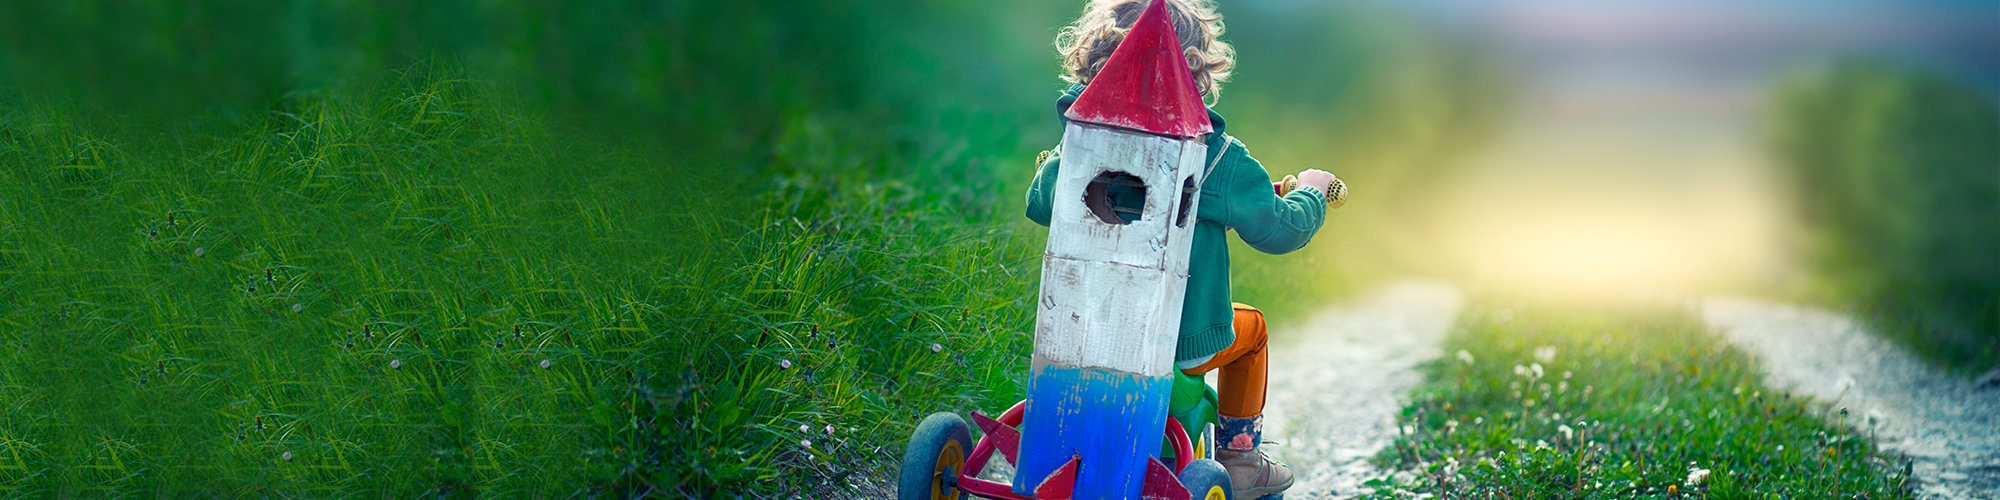 Escapada a München y Legoland - El País Viajes